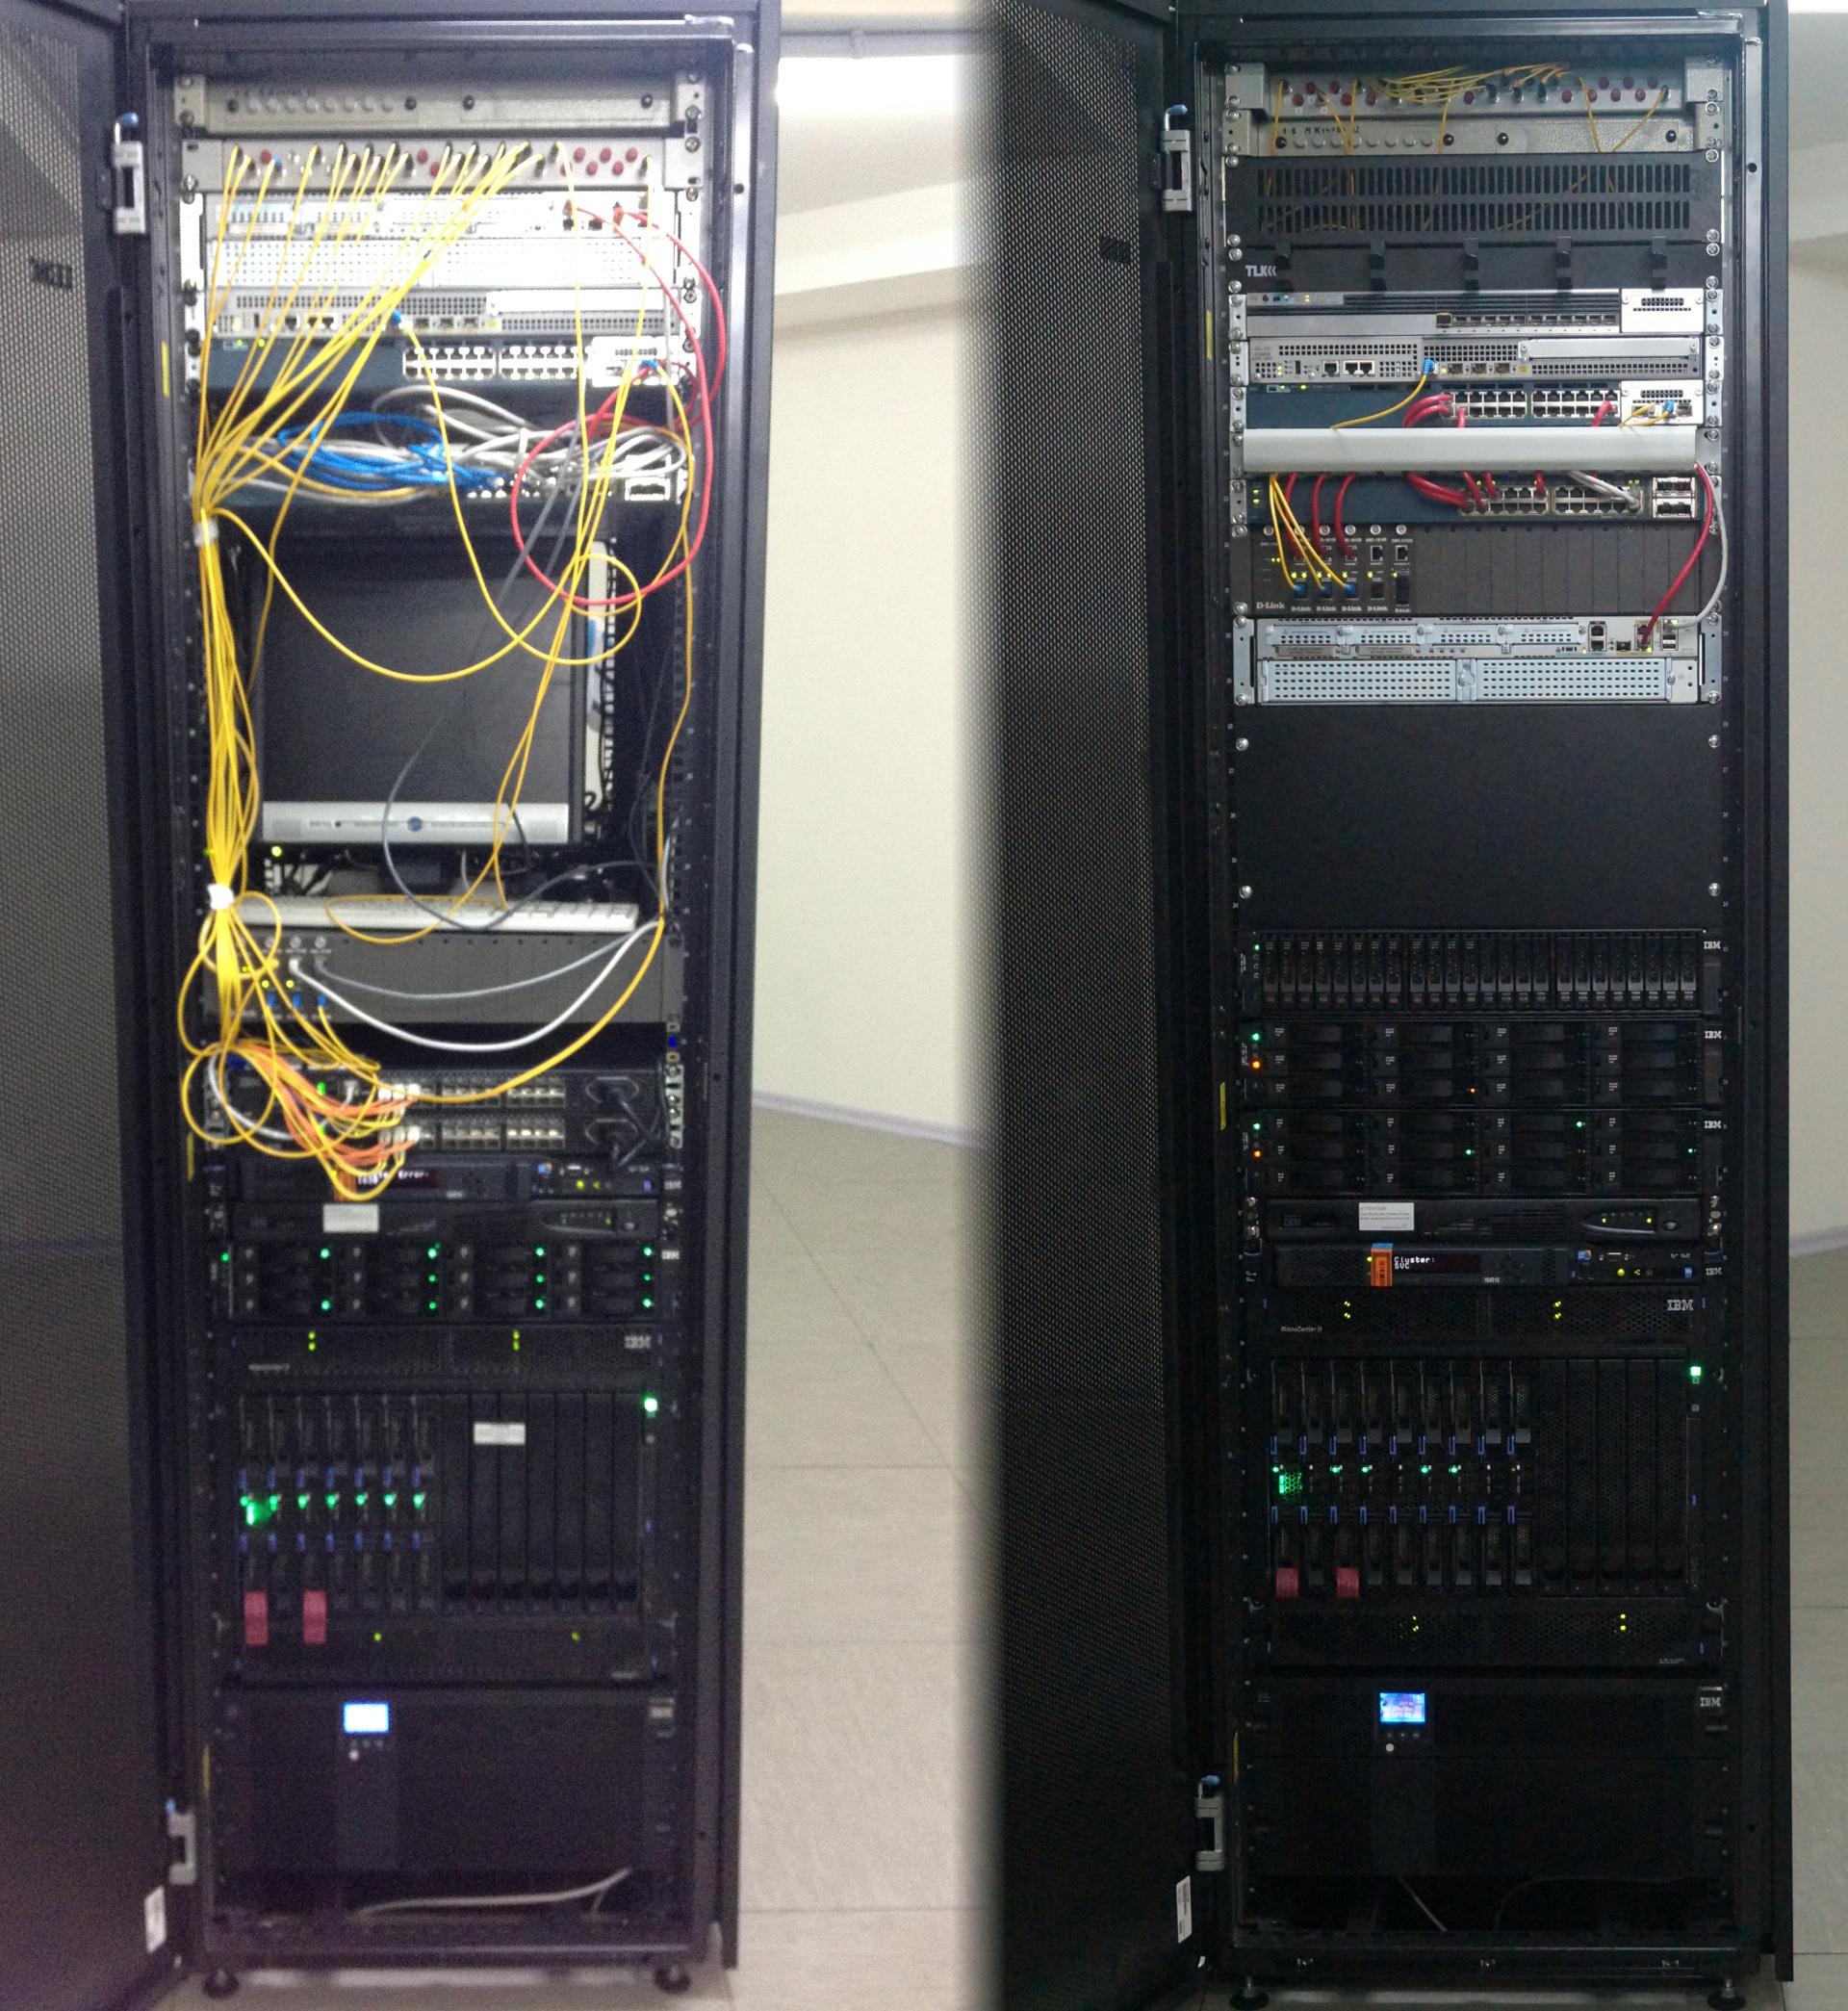 инструкция по проведению технического обслуживания для серверов